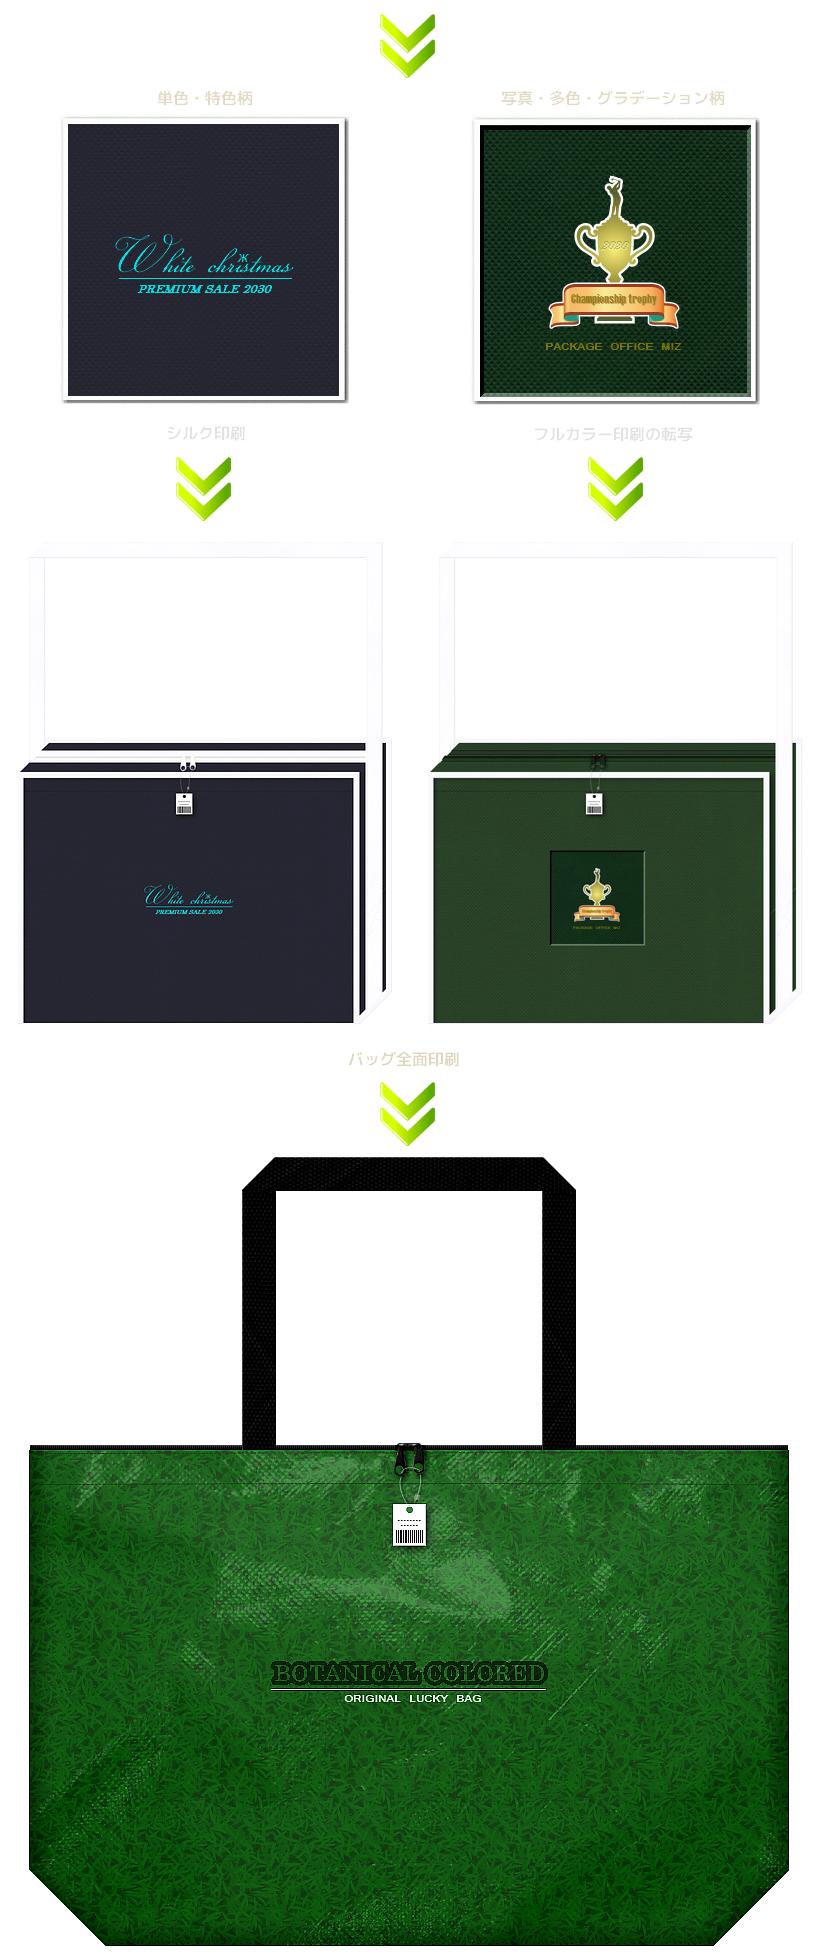 不織布福袋の印刷方法:シルク印刷とフルカラー転写の2種類よりお選びいただけます。